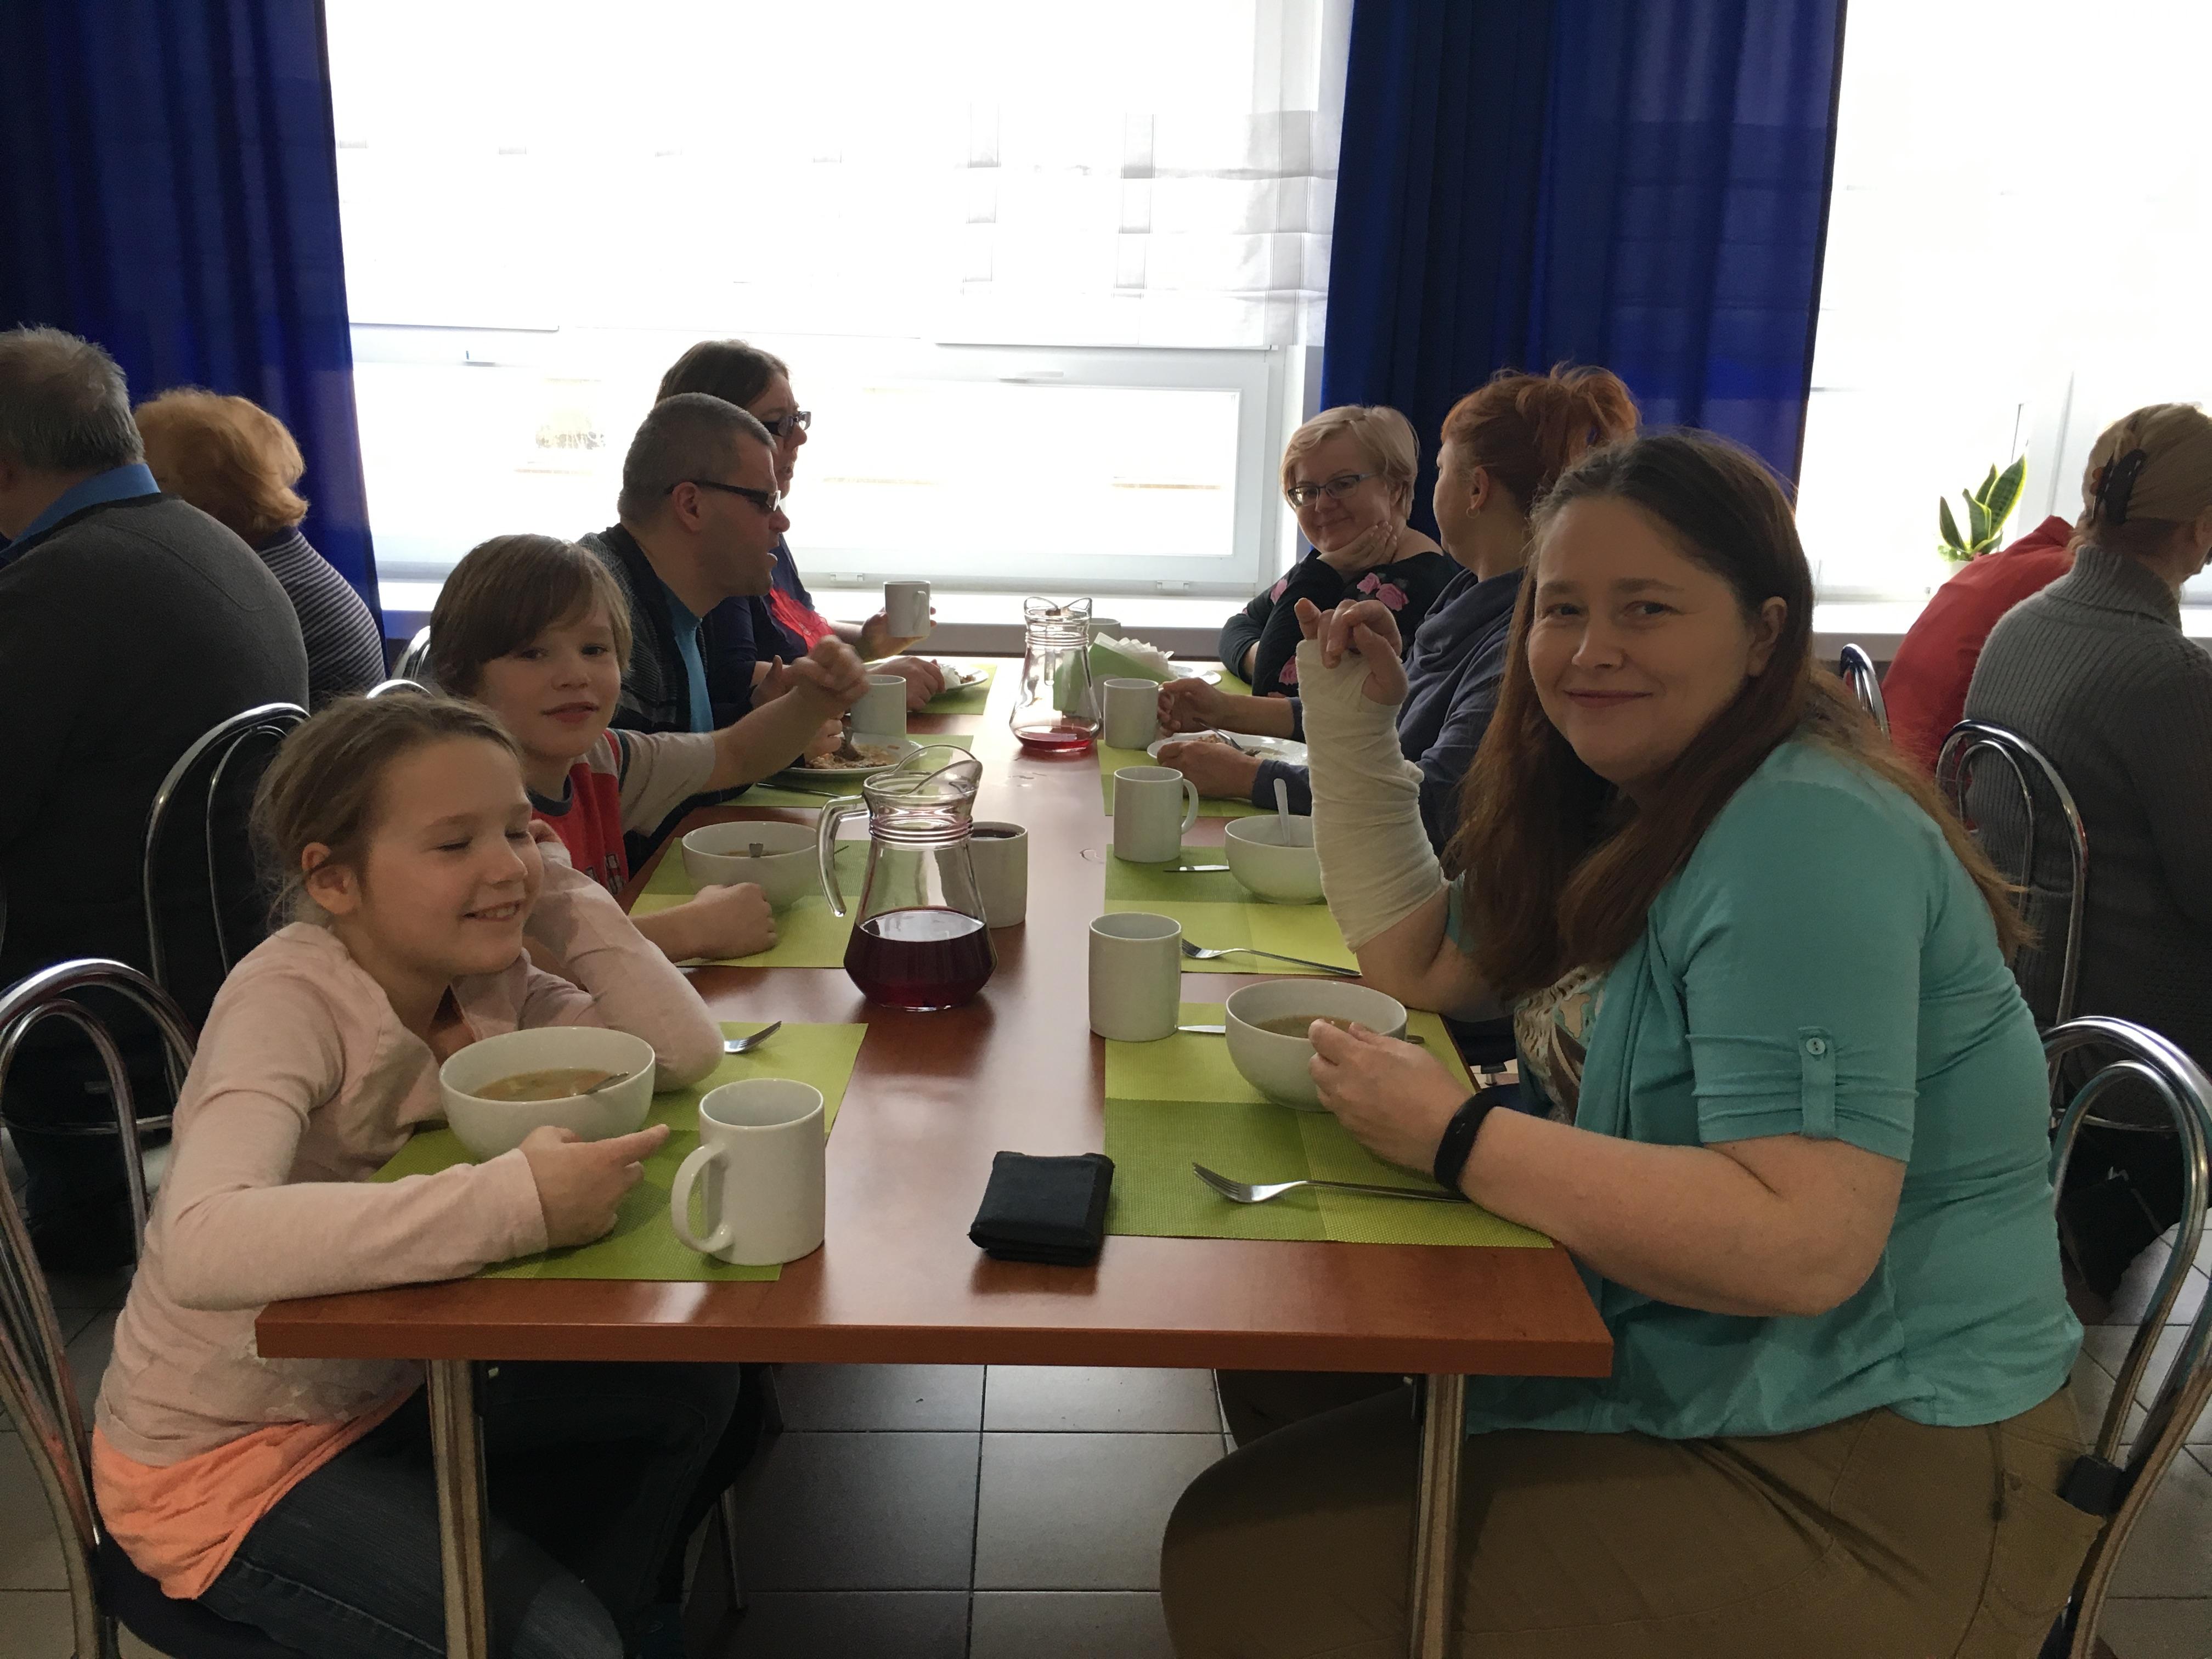 Siedmioro gości podczas posiłku, siedzący przy stole z białą zastawą. Na środku stołu dzbanek przeźroczysty z napojem, z prawej strony stołu uśmiechnięta uczestniczka w niebieskiej bluzce i długich kasztanowych włosach.